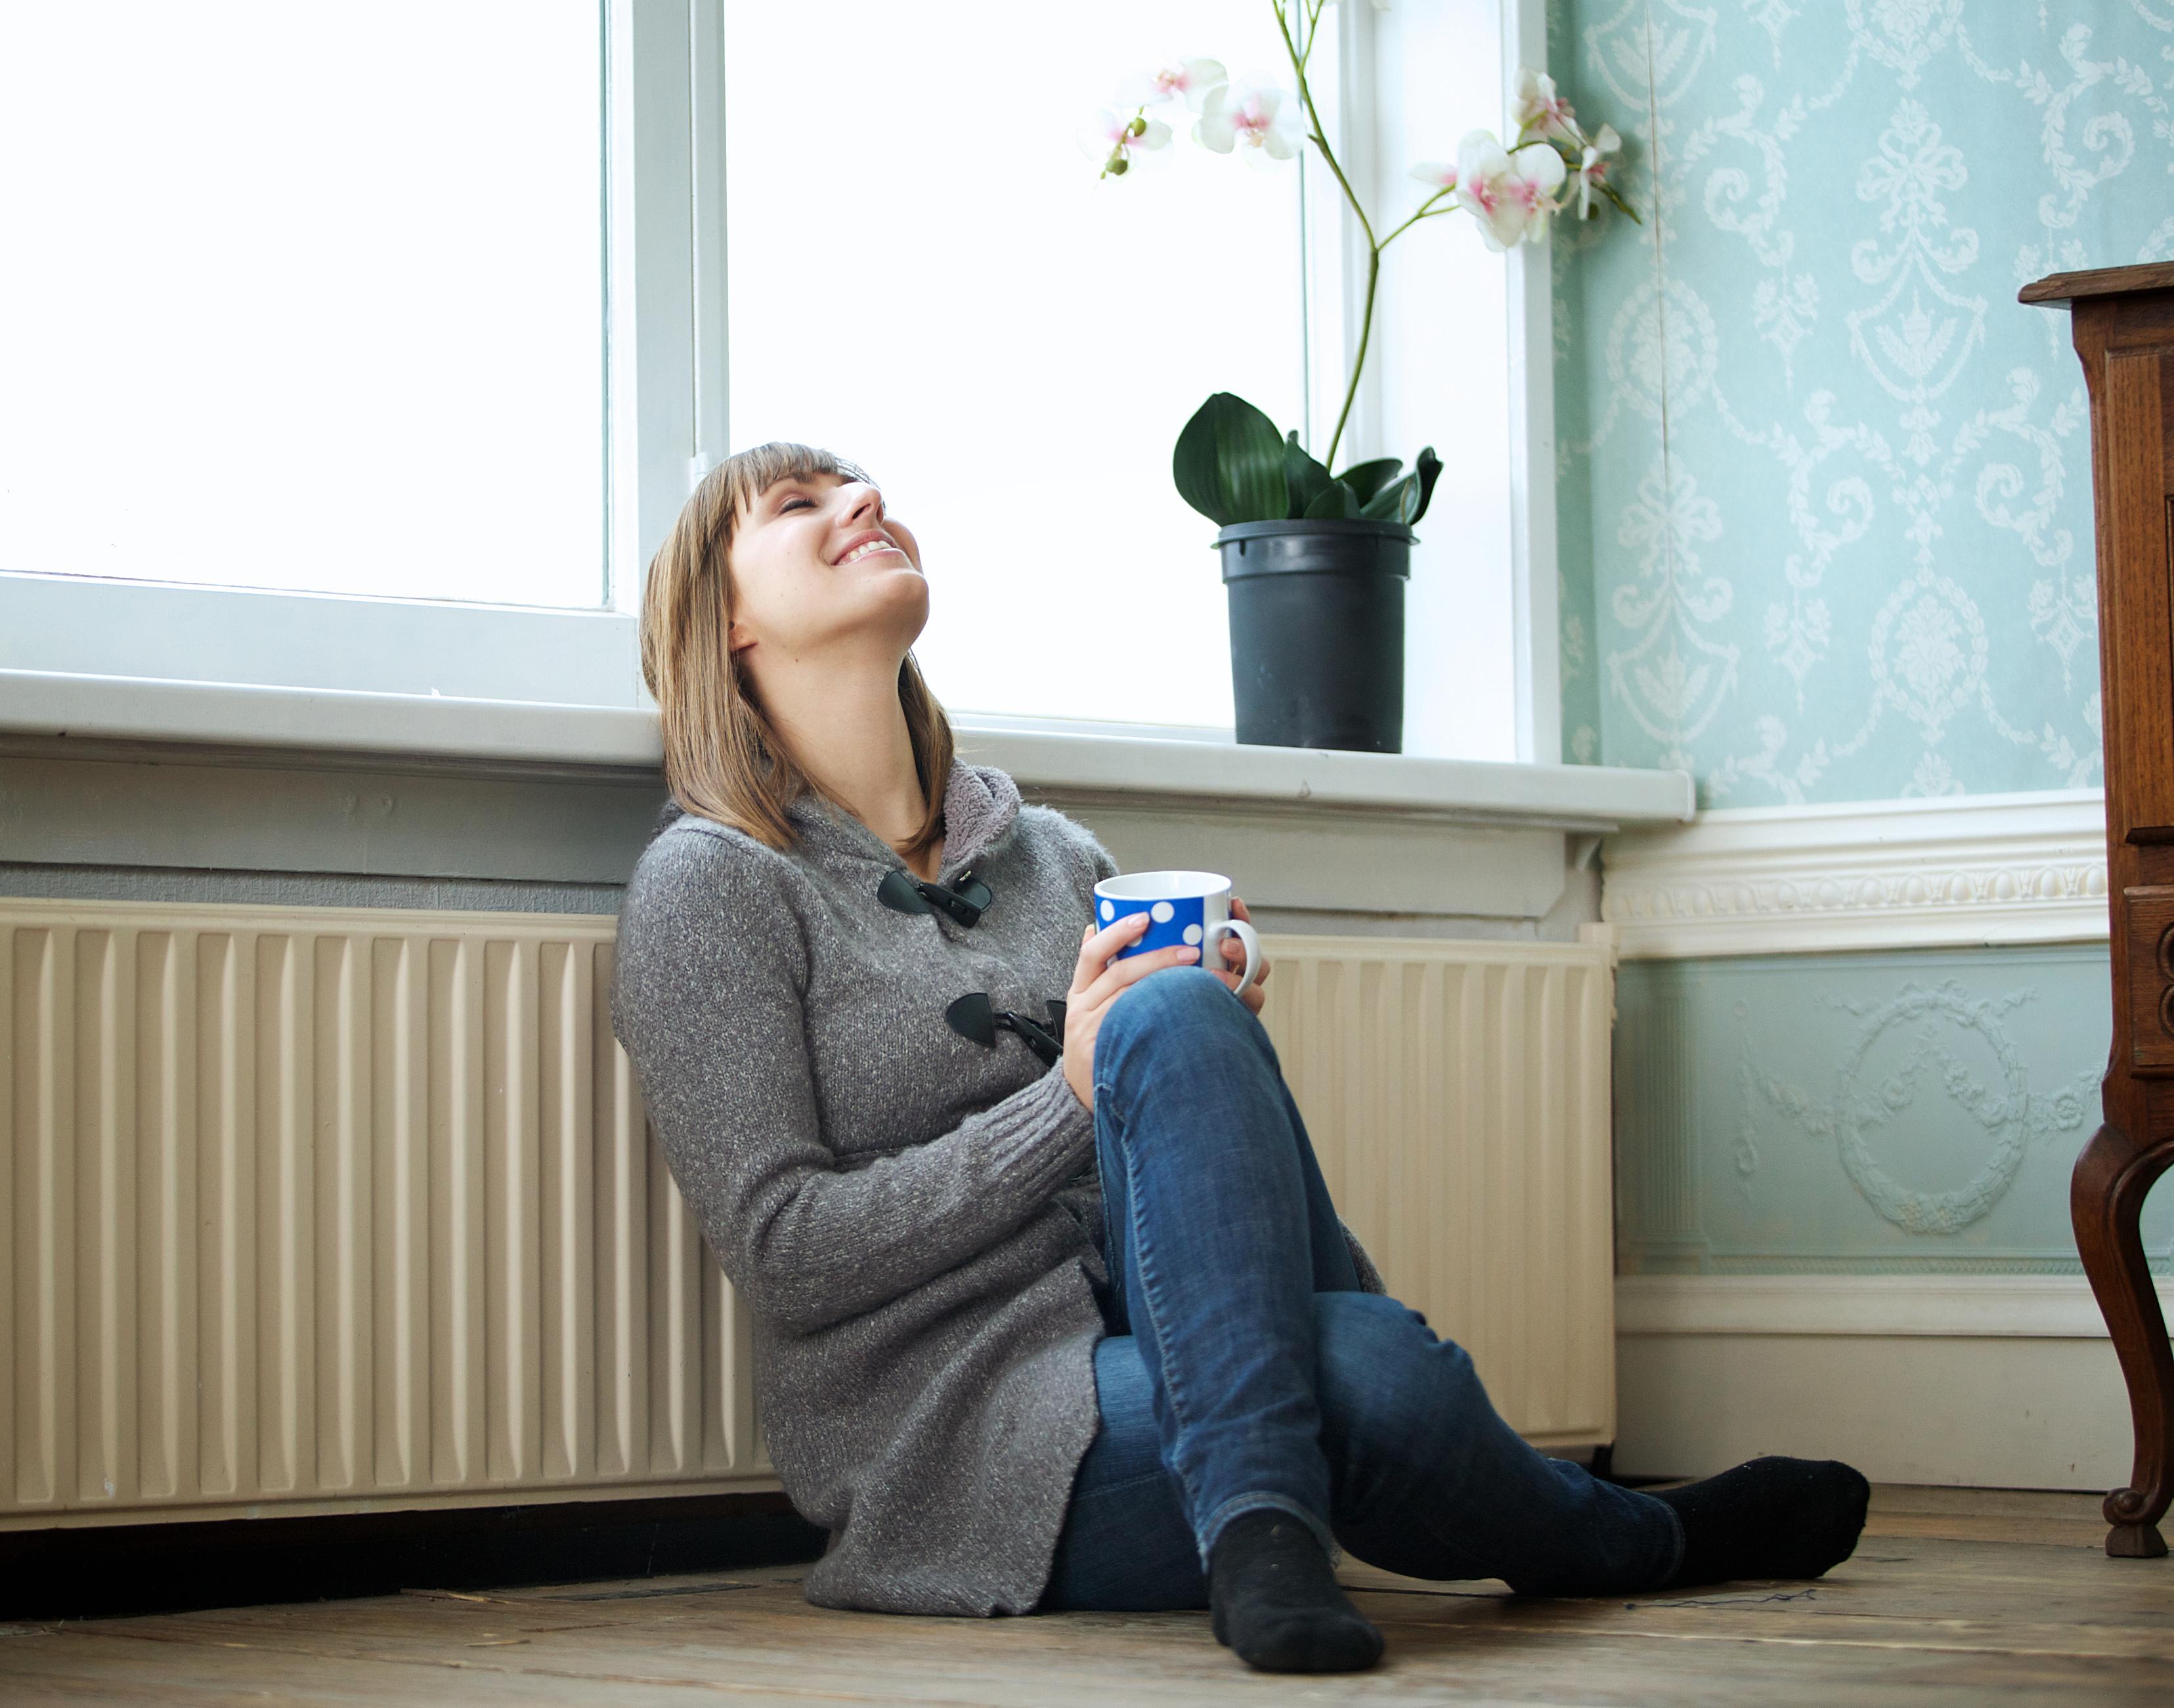 Consejos para vivir sola y feliz